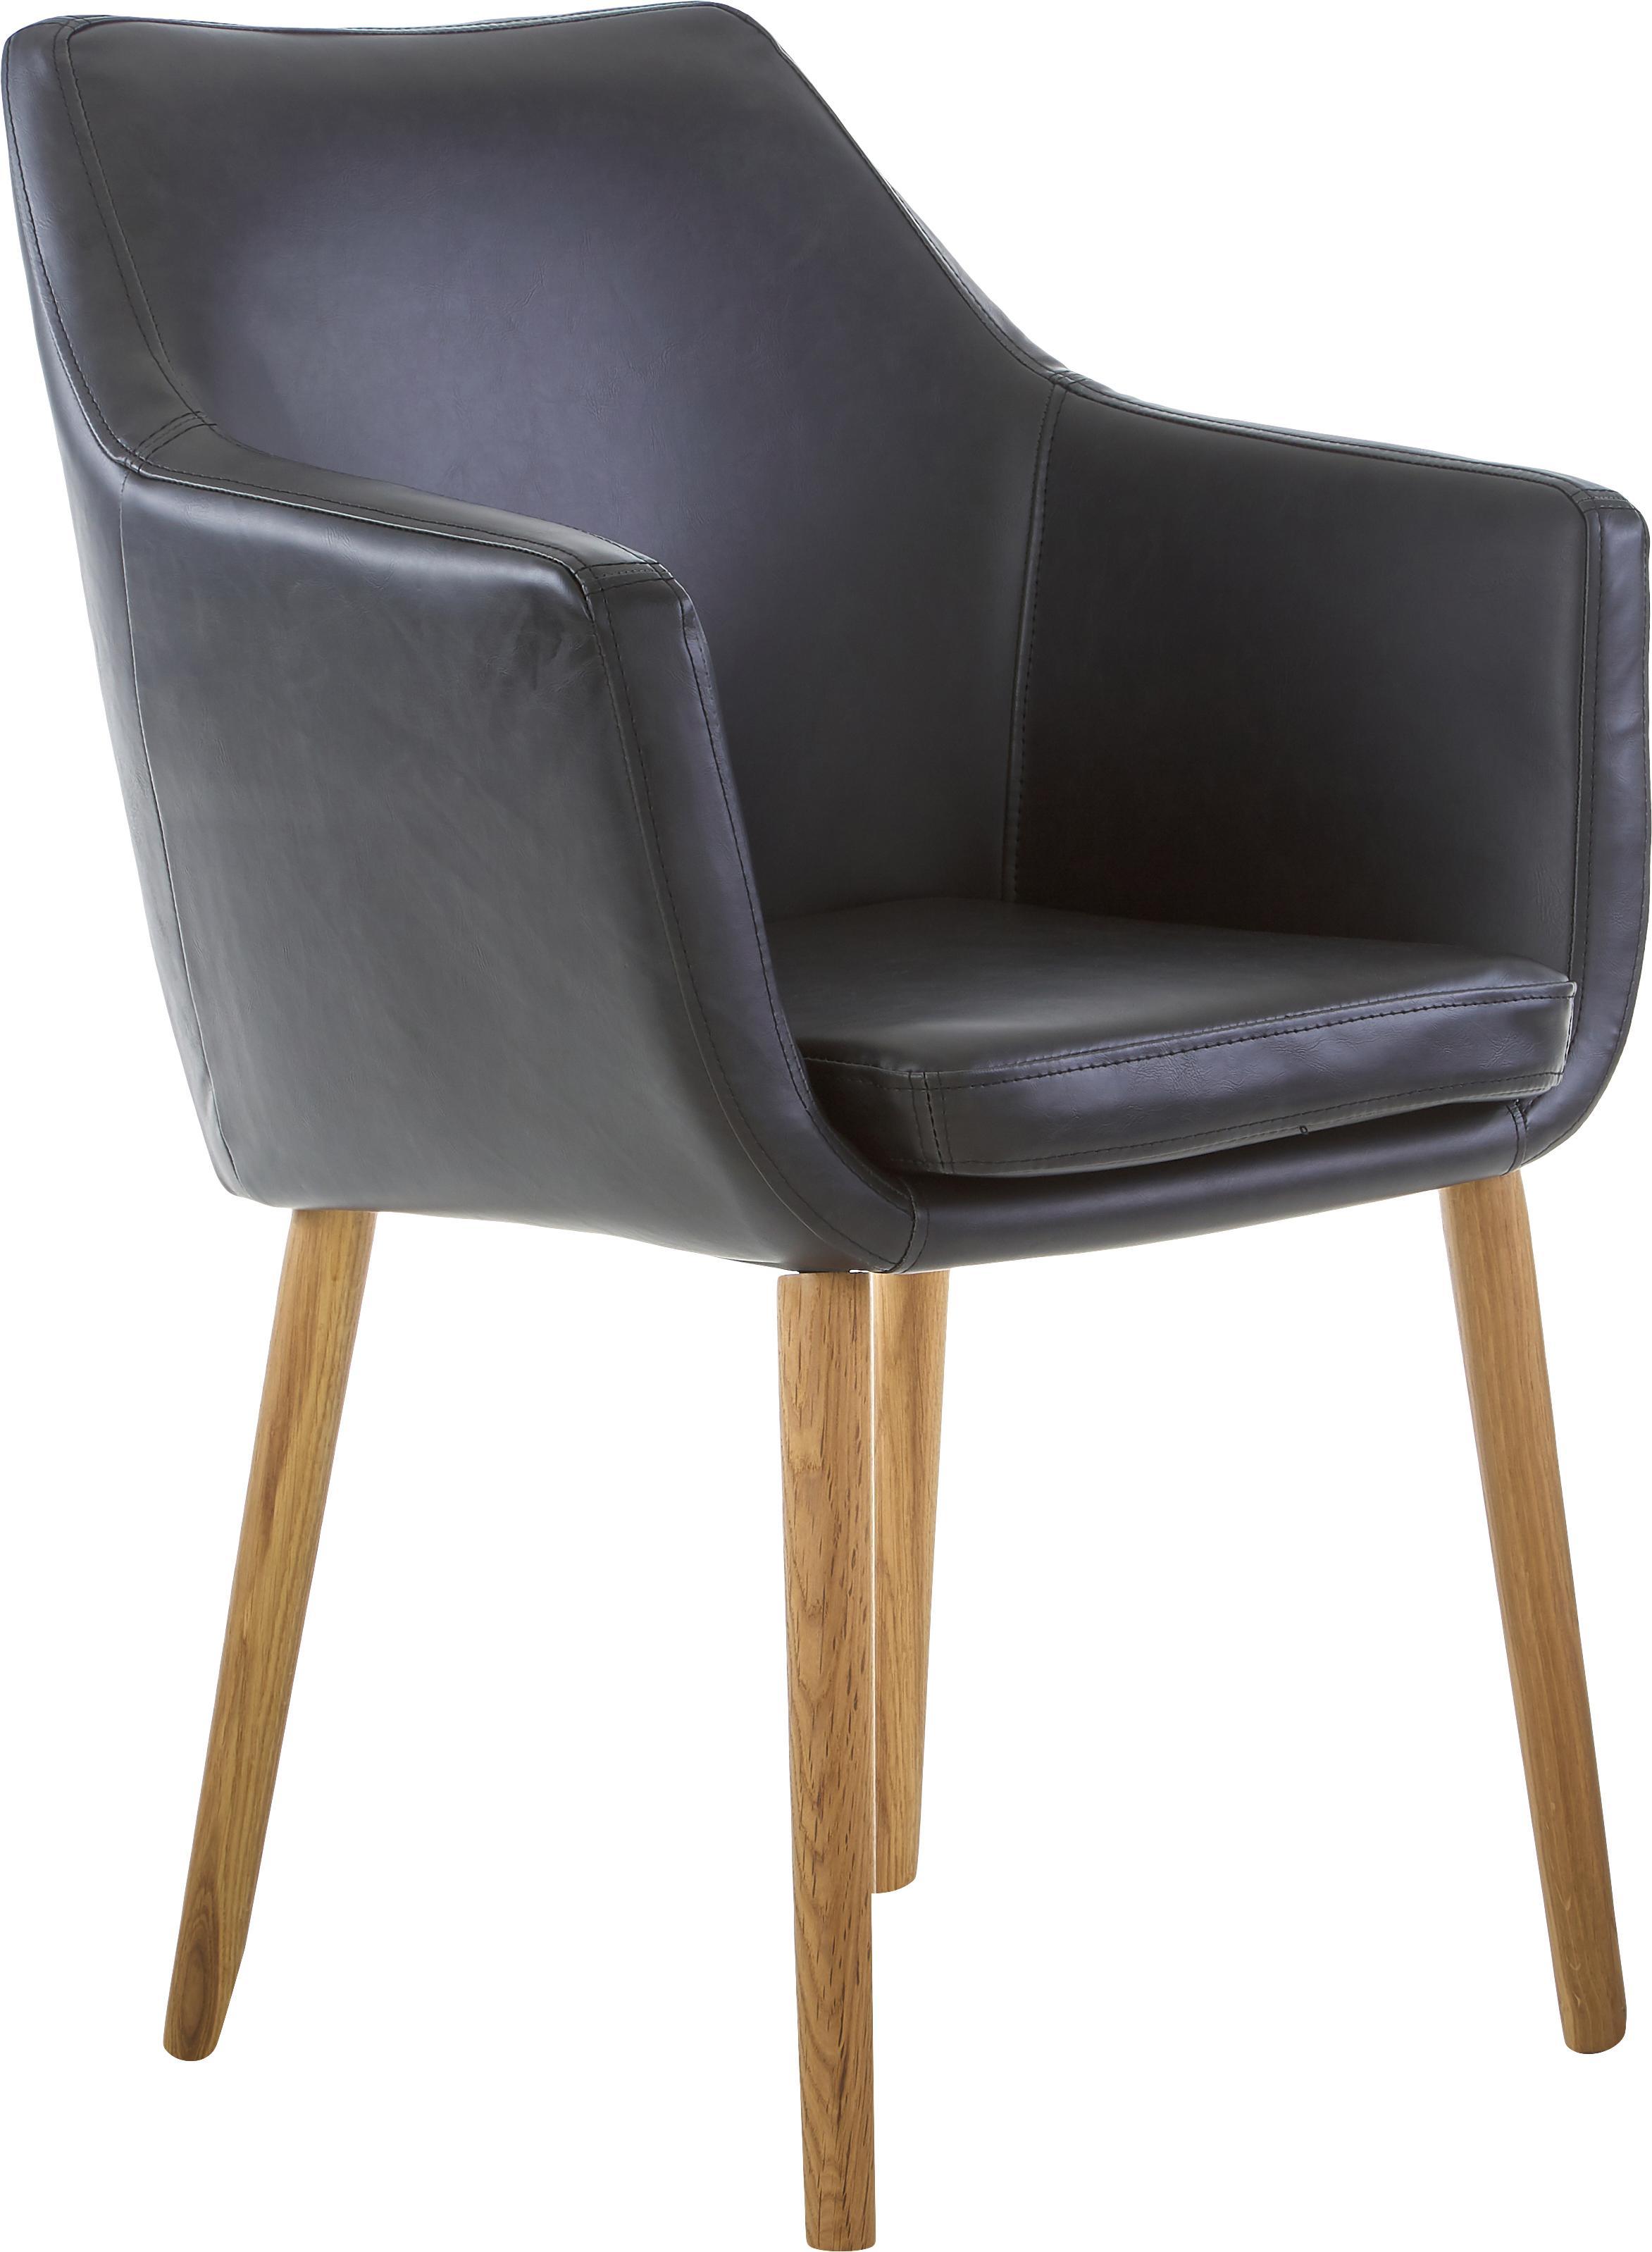 Krzesło z podłokietnikami ze sztucznej skóry Nora, Tapicerka: sztuczna skóra, poliureta, Nogi: drewno dębowe, Tapicerka: czarny Nogi: drewno dębowe, S 56 x G 55 cm